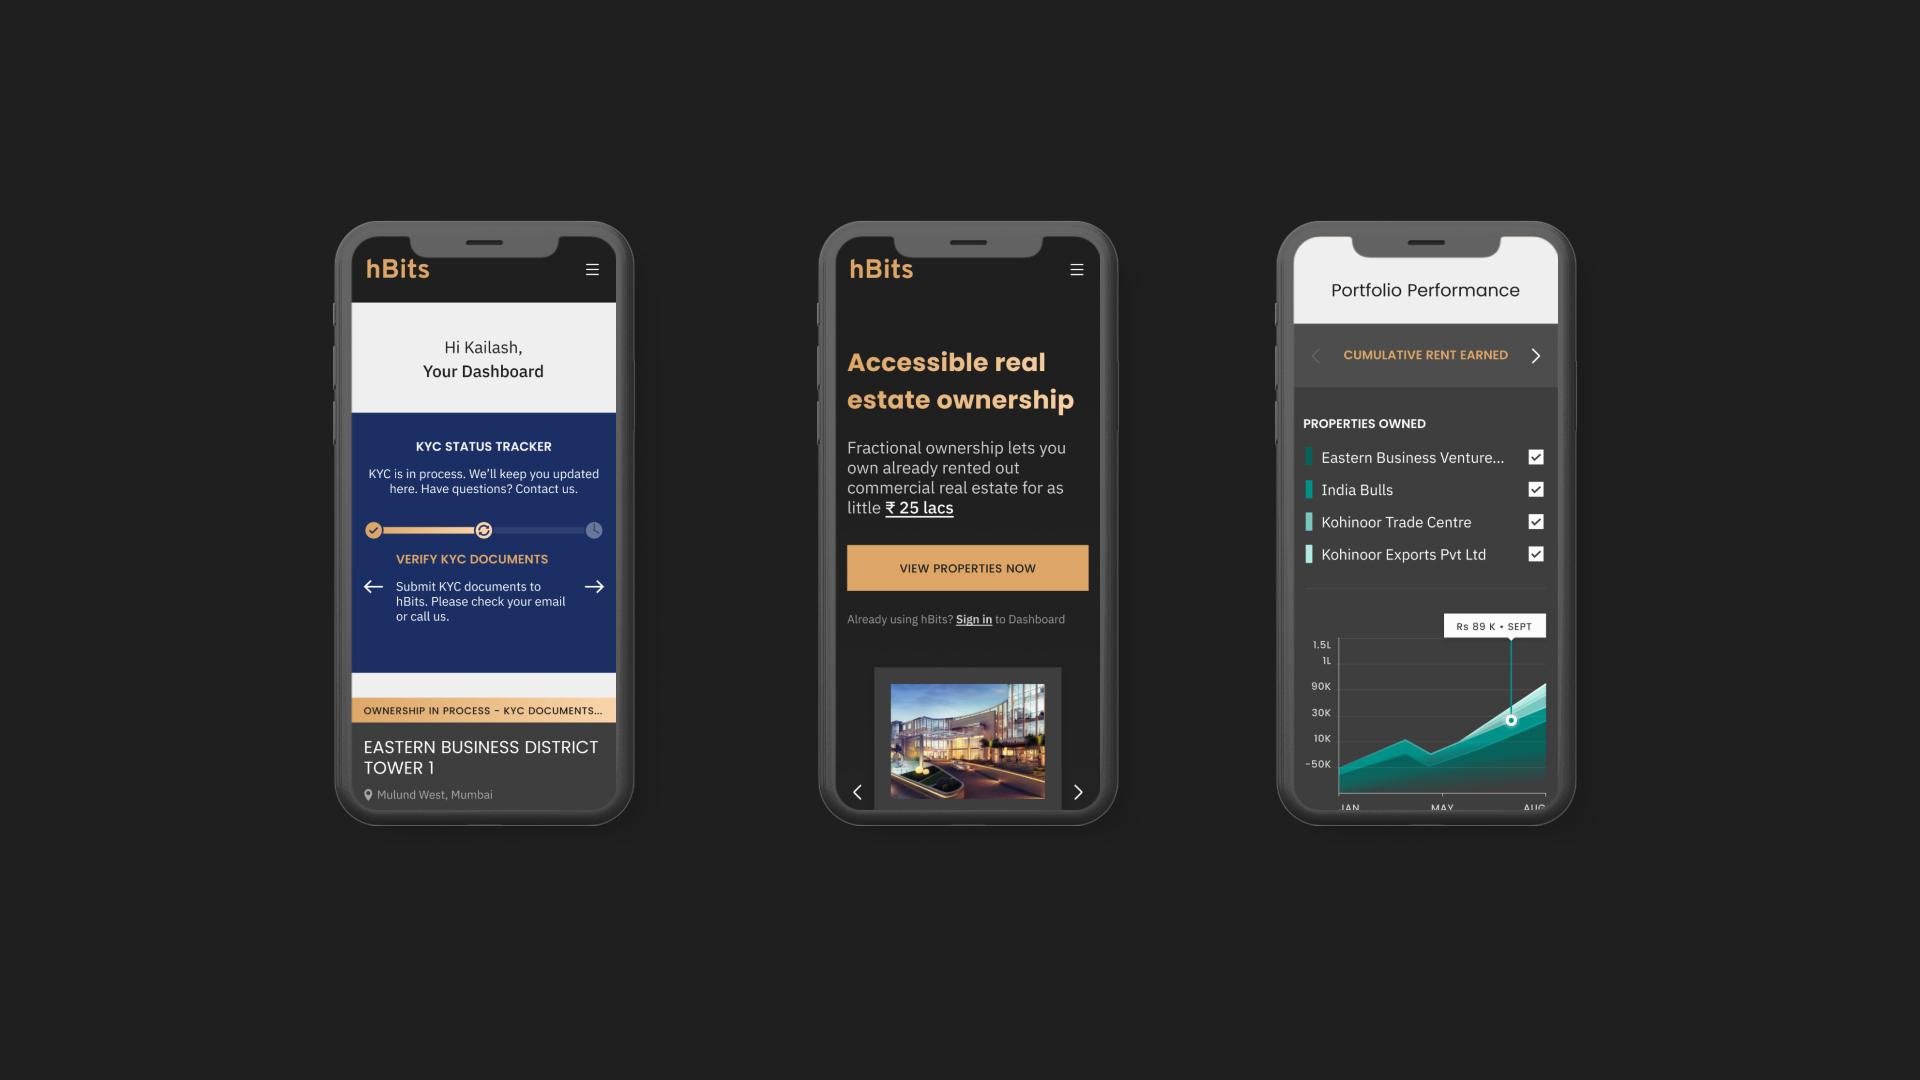 hbits-mobilescreens